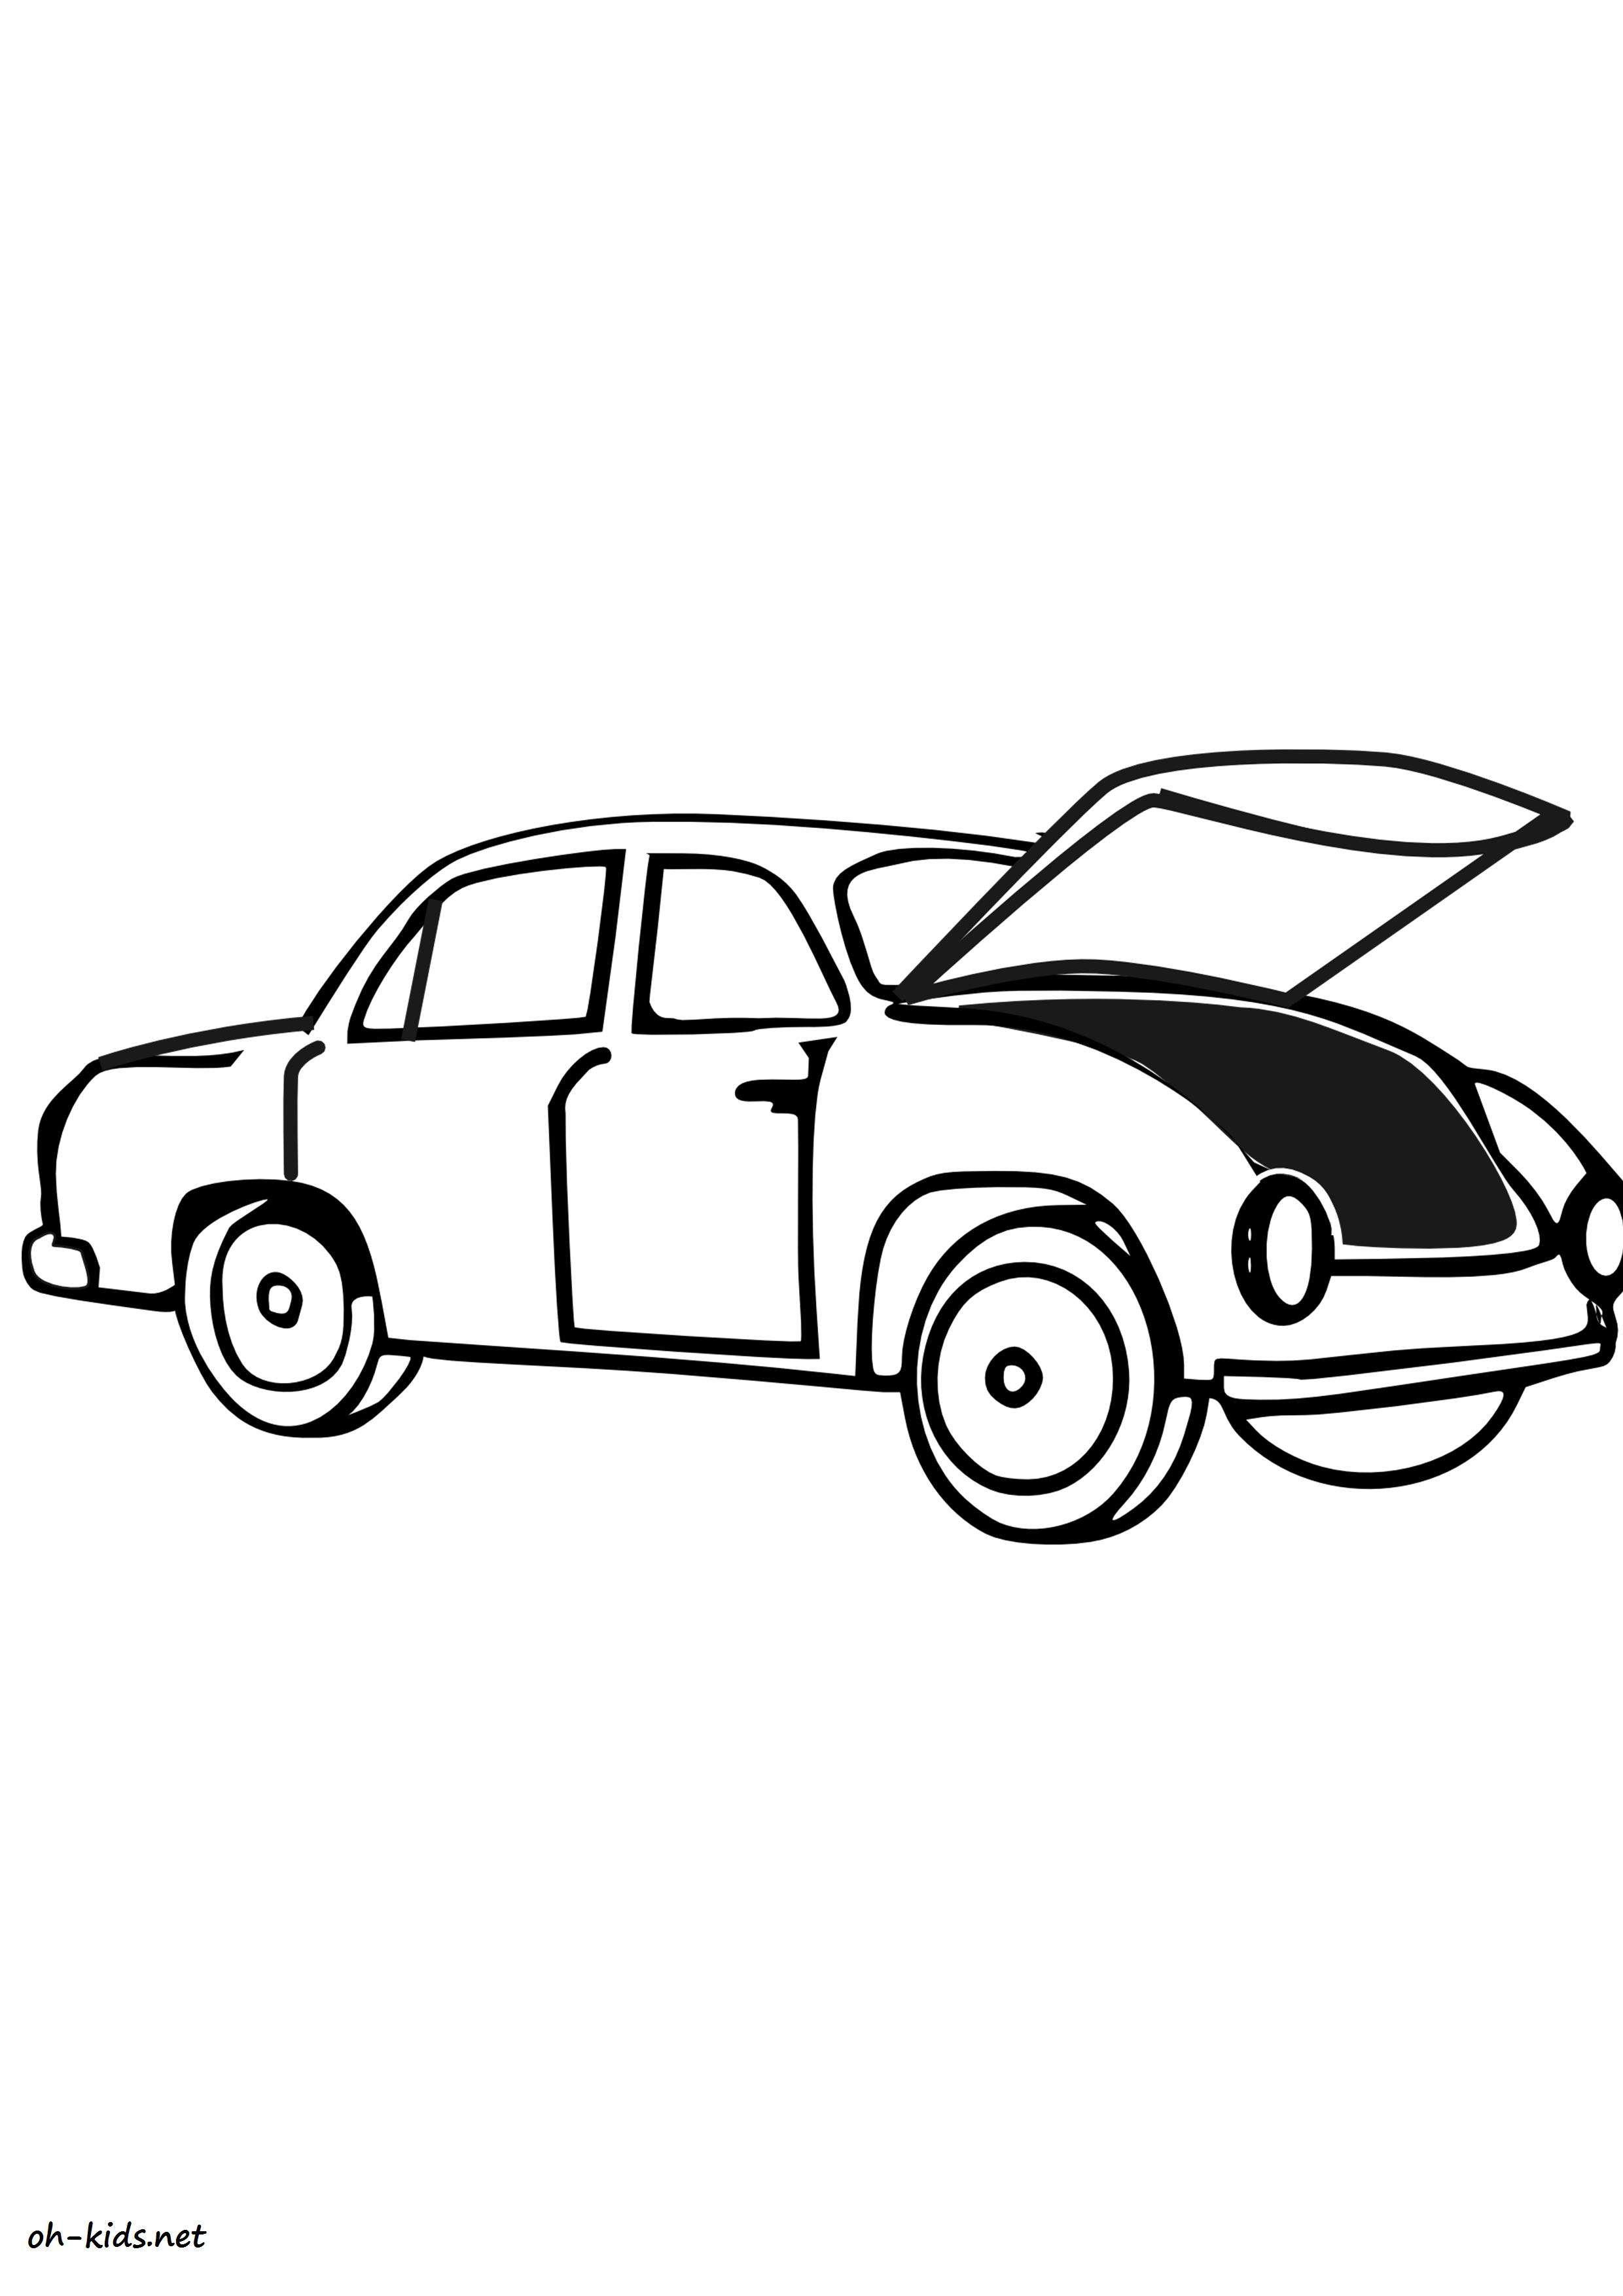 une jolie image de automobile a colorier - niveau débutant - Dessin #1425